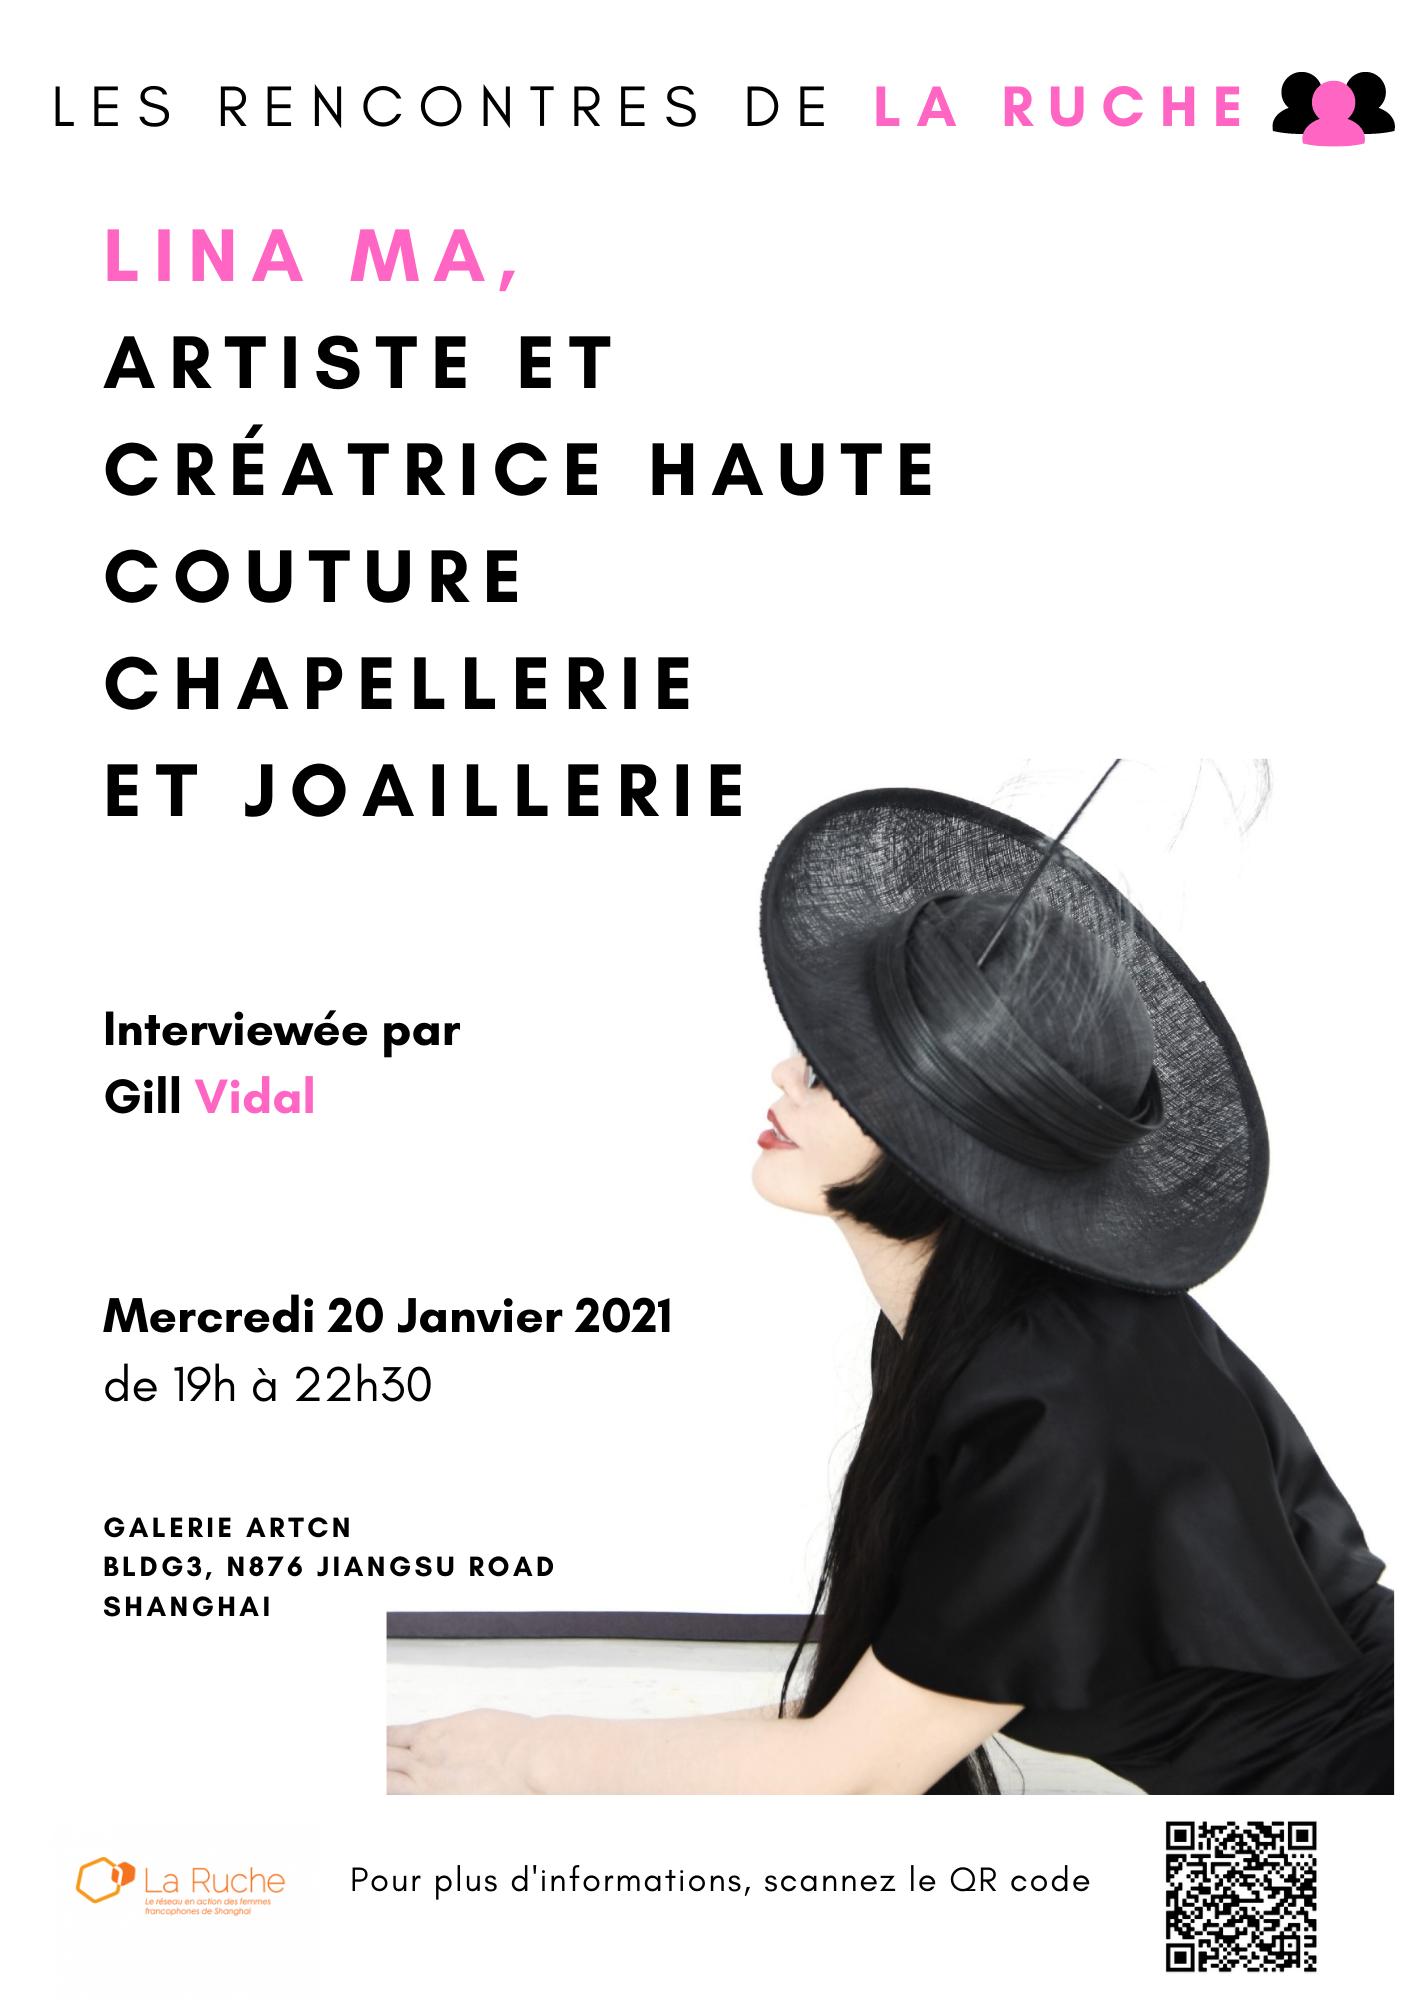 Mercredi 20 Janvier - Rencontre avec Lina Ma, artiste et créatrice